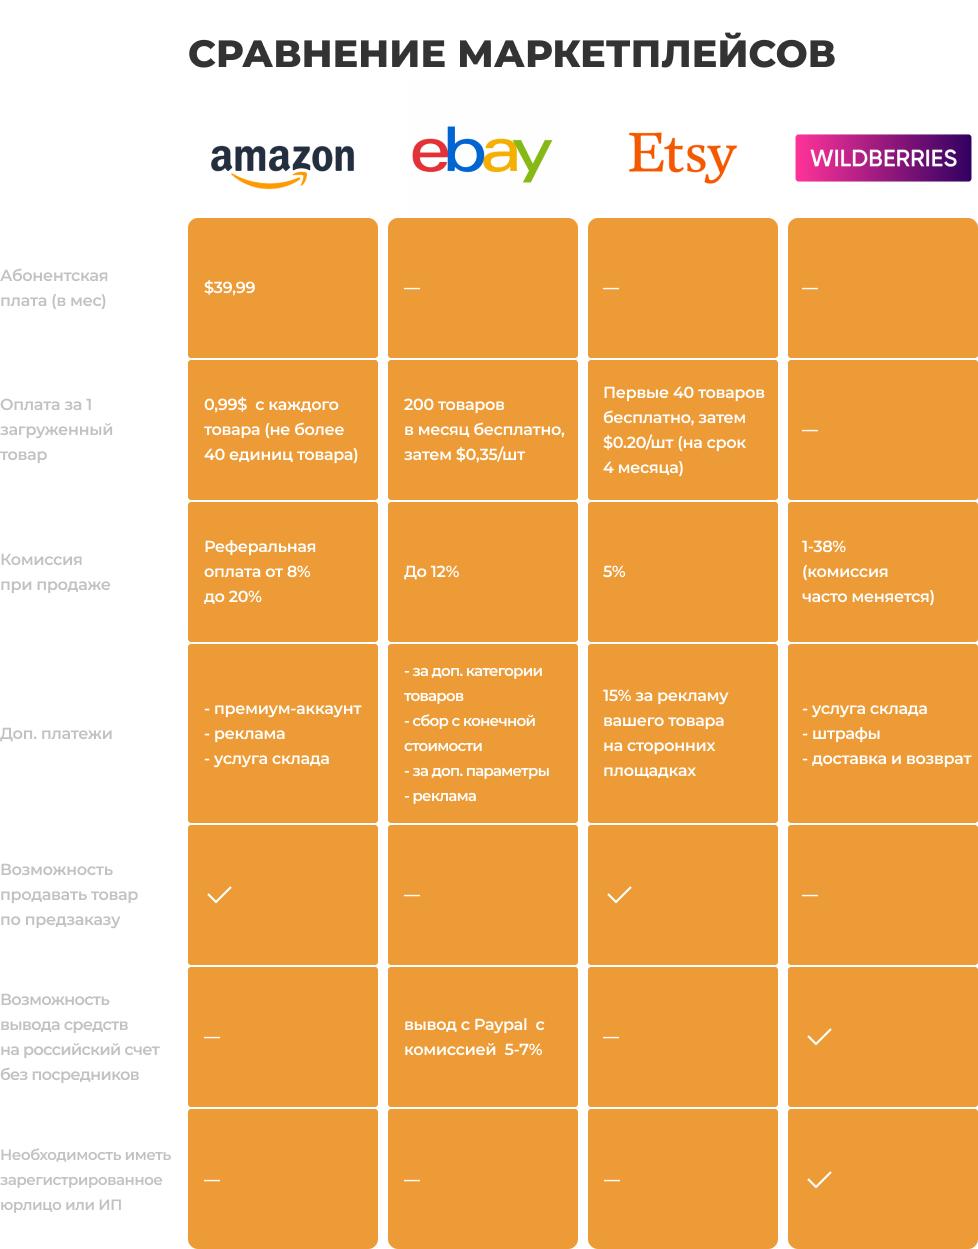 Сравнение маркетплейсов (Amazon, Ebay, Etsy, WildBerries